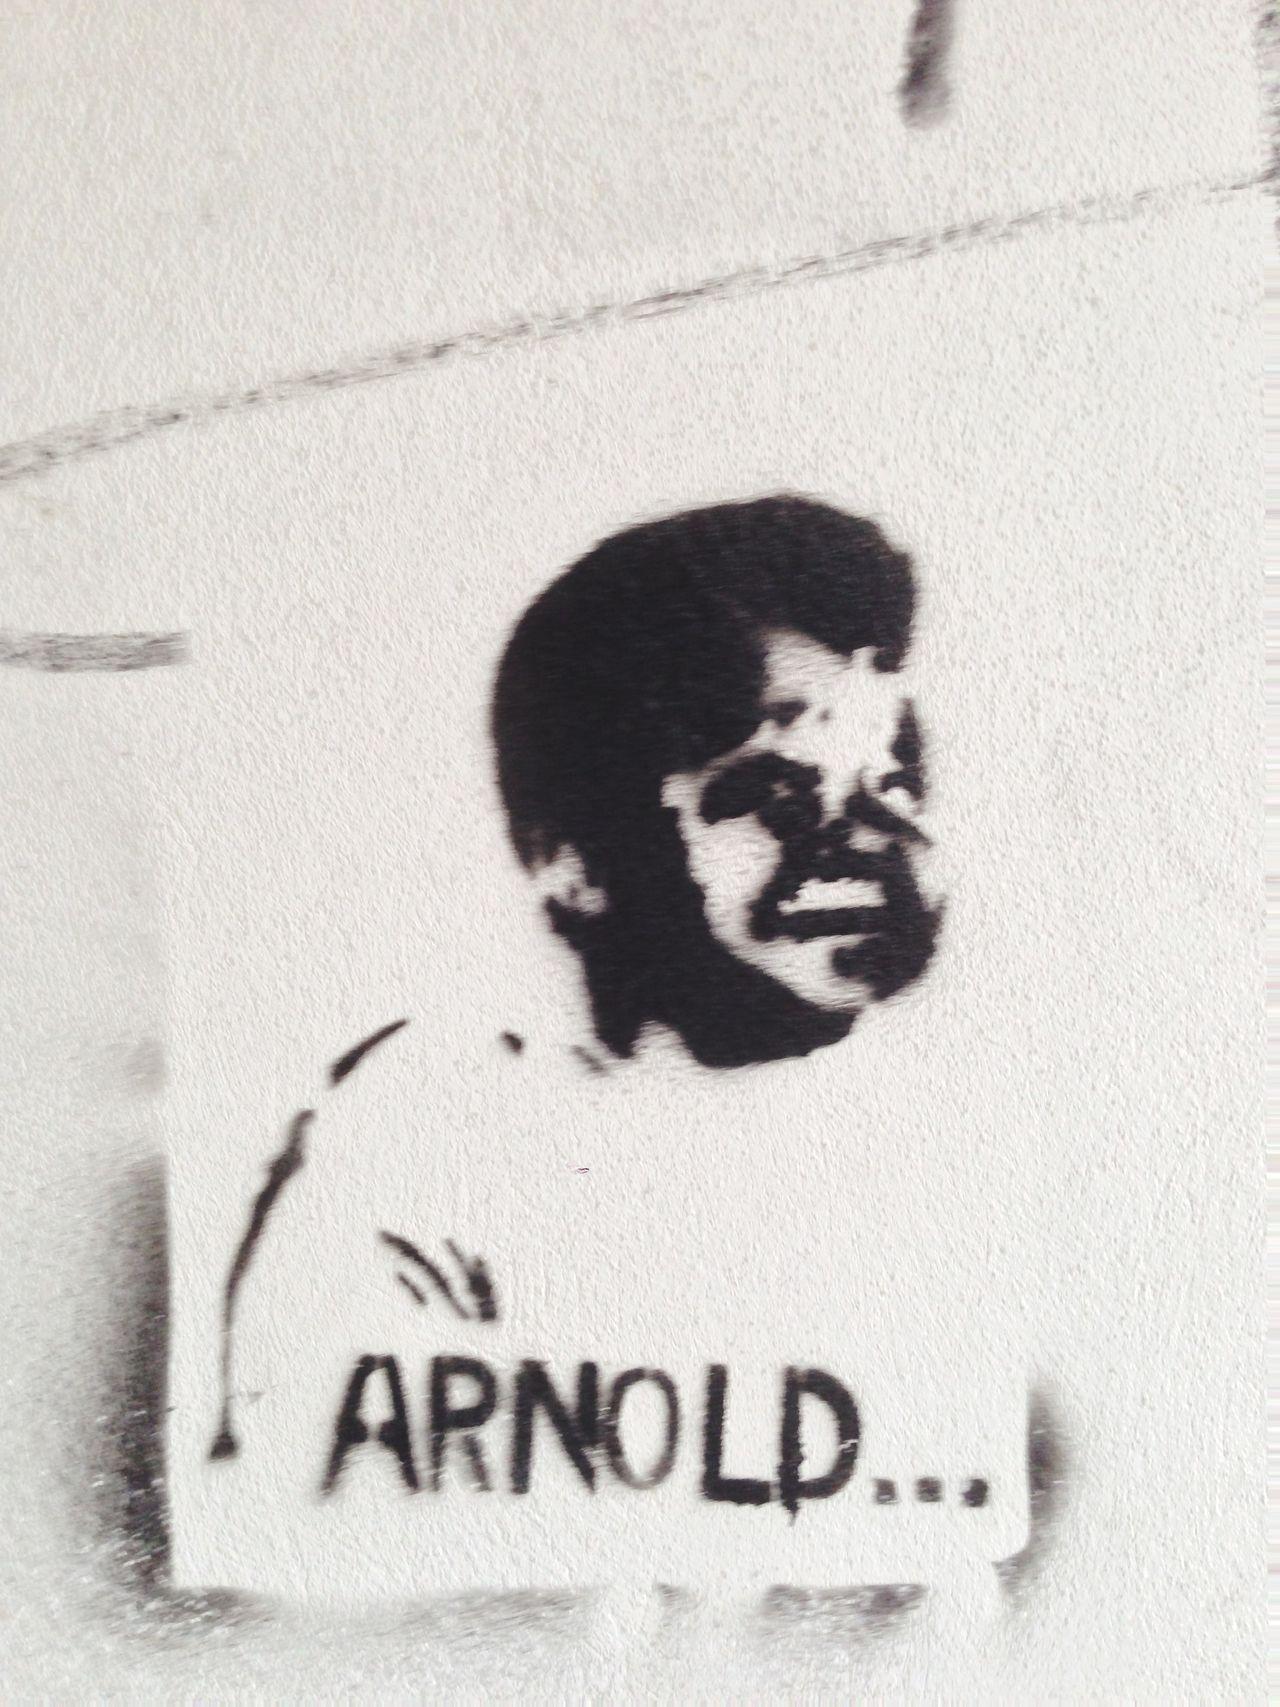 Arnold Arnold & Willy Tv 80's Stencil Art Stencil